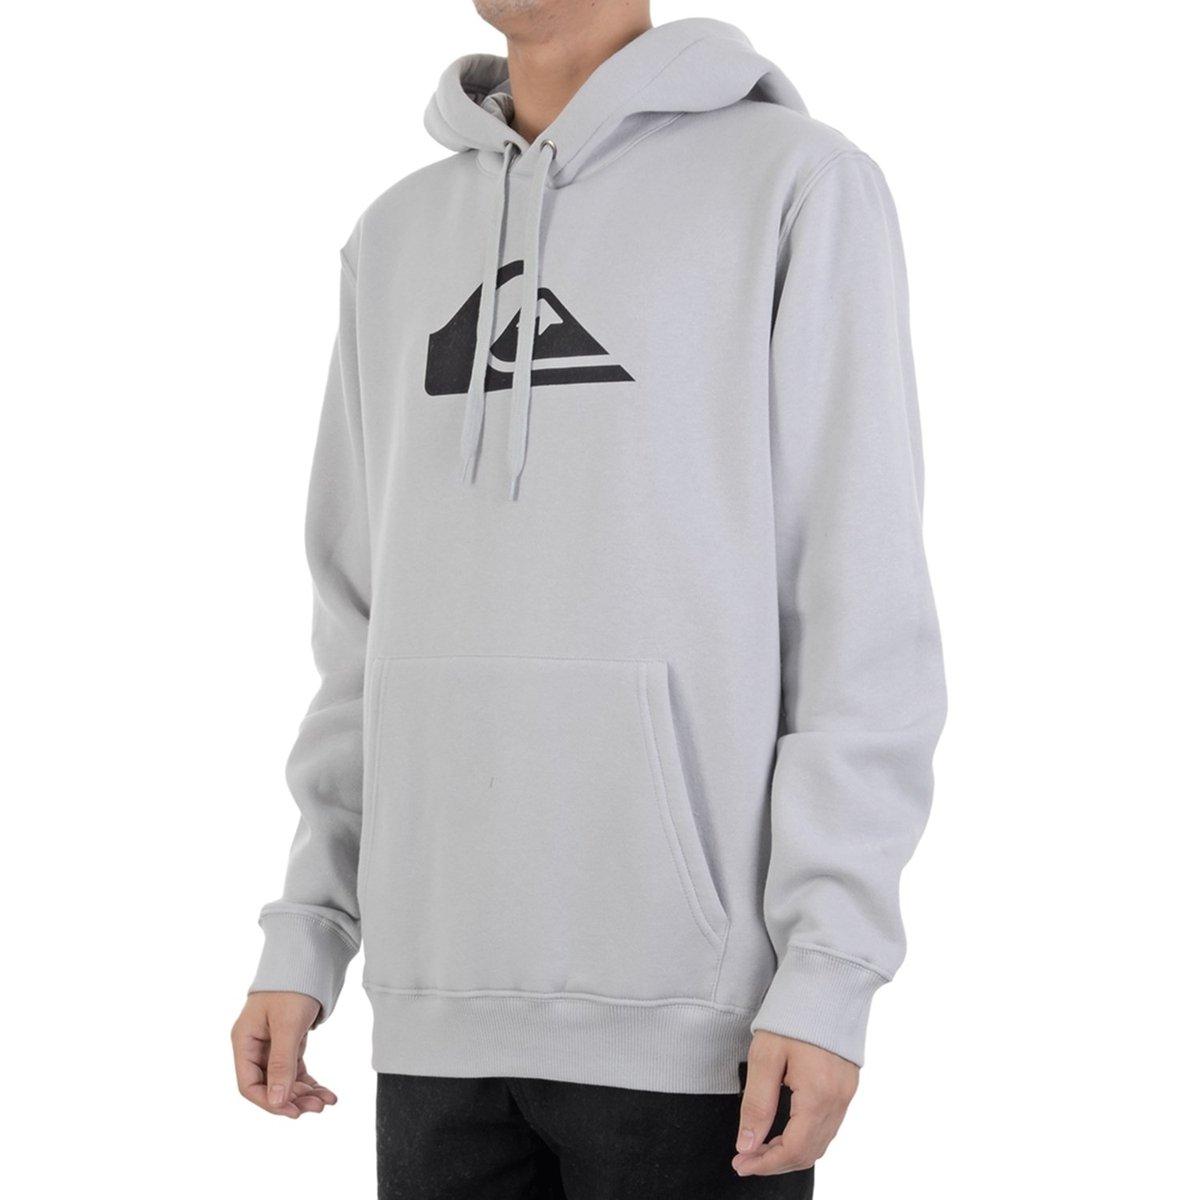 Moletom Quiksilver Mountain Wave Simple Masculino - Compre Agora ... 5379e8889e